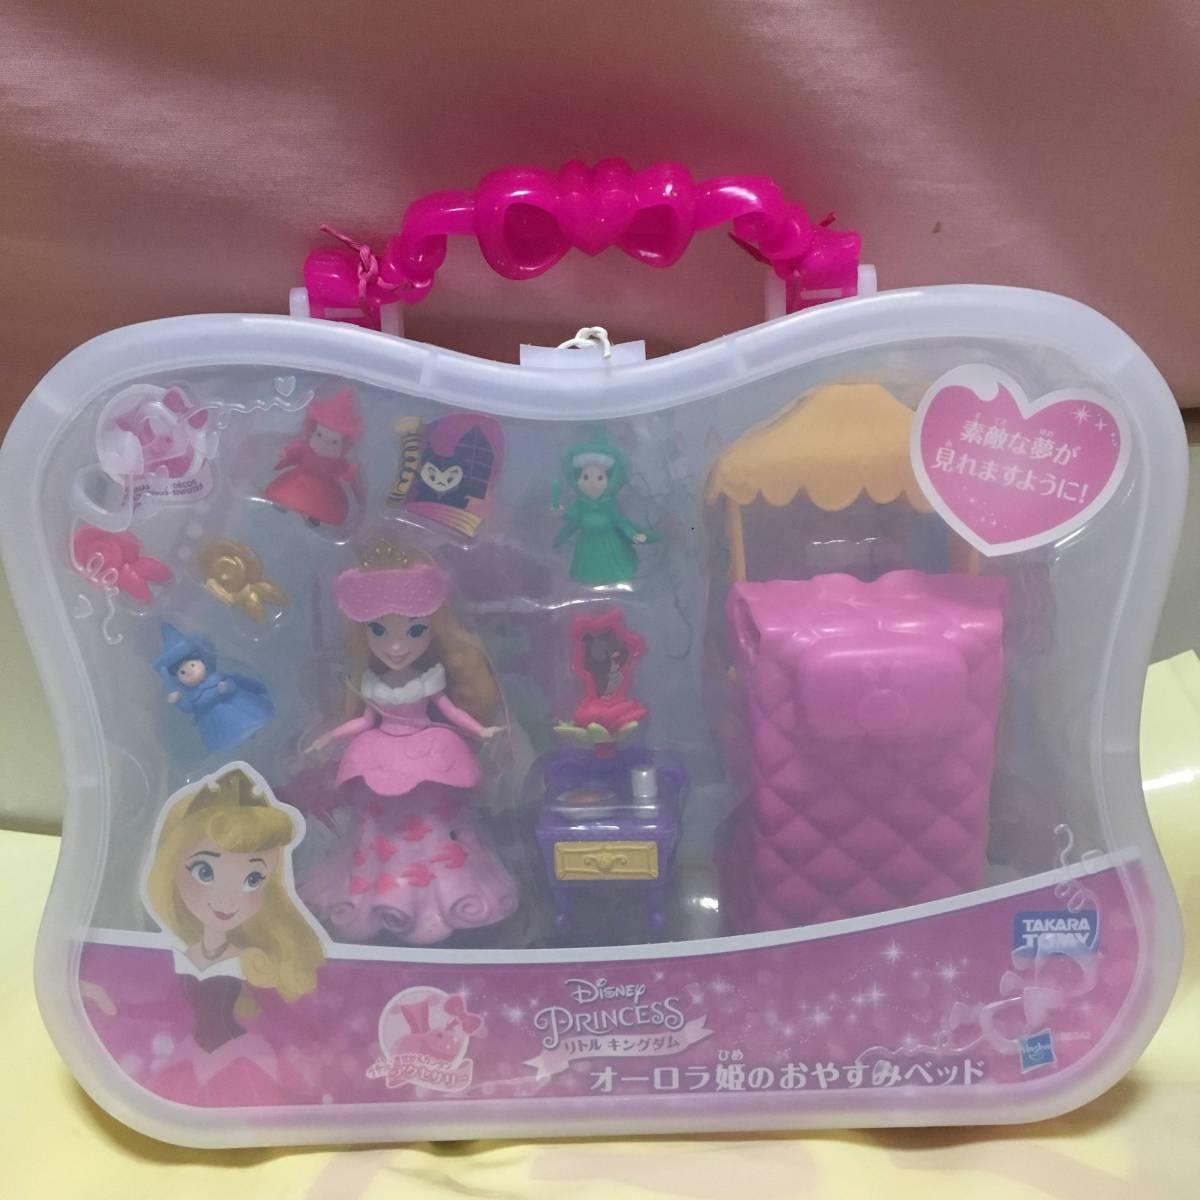 新品 ディズニー リトルキングダム プリンセス オーロラ姫とおやすみベッド オーロラ姫 ディズニーグッズの画像